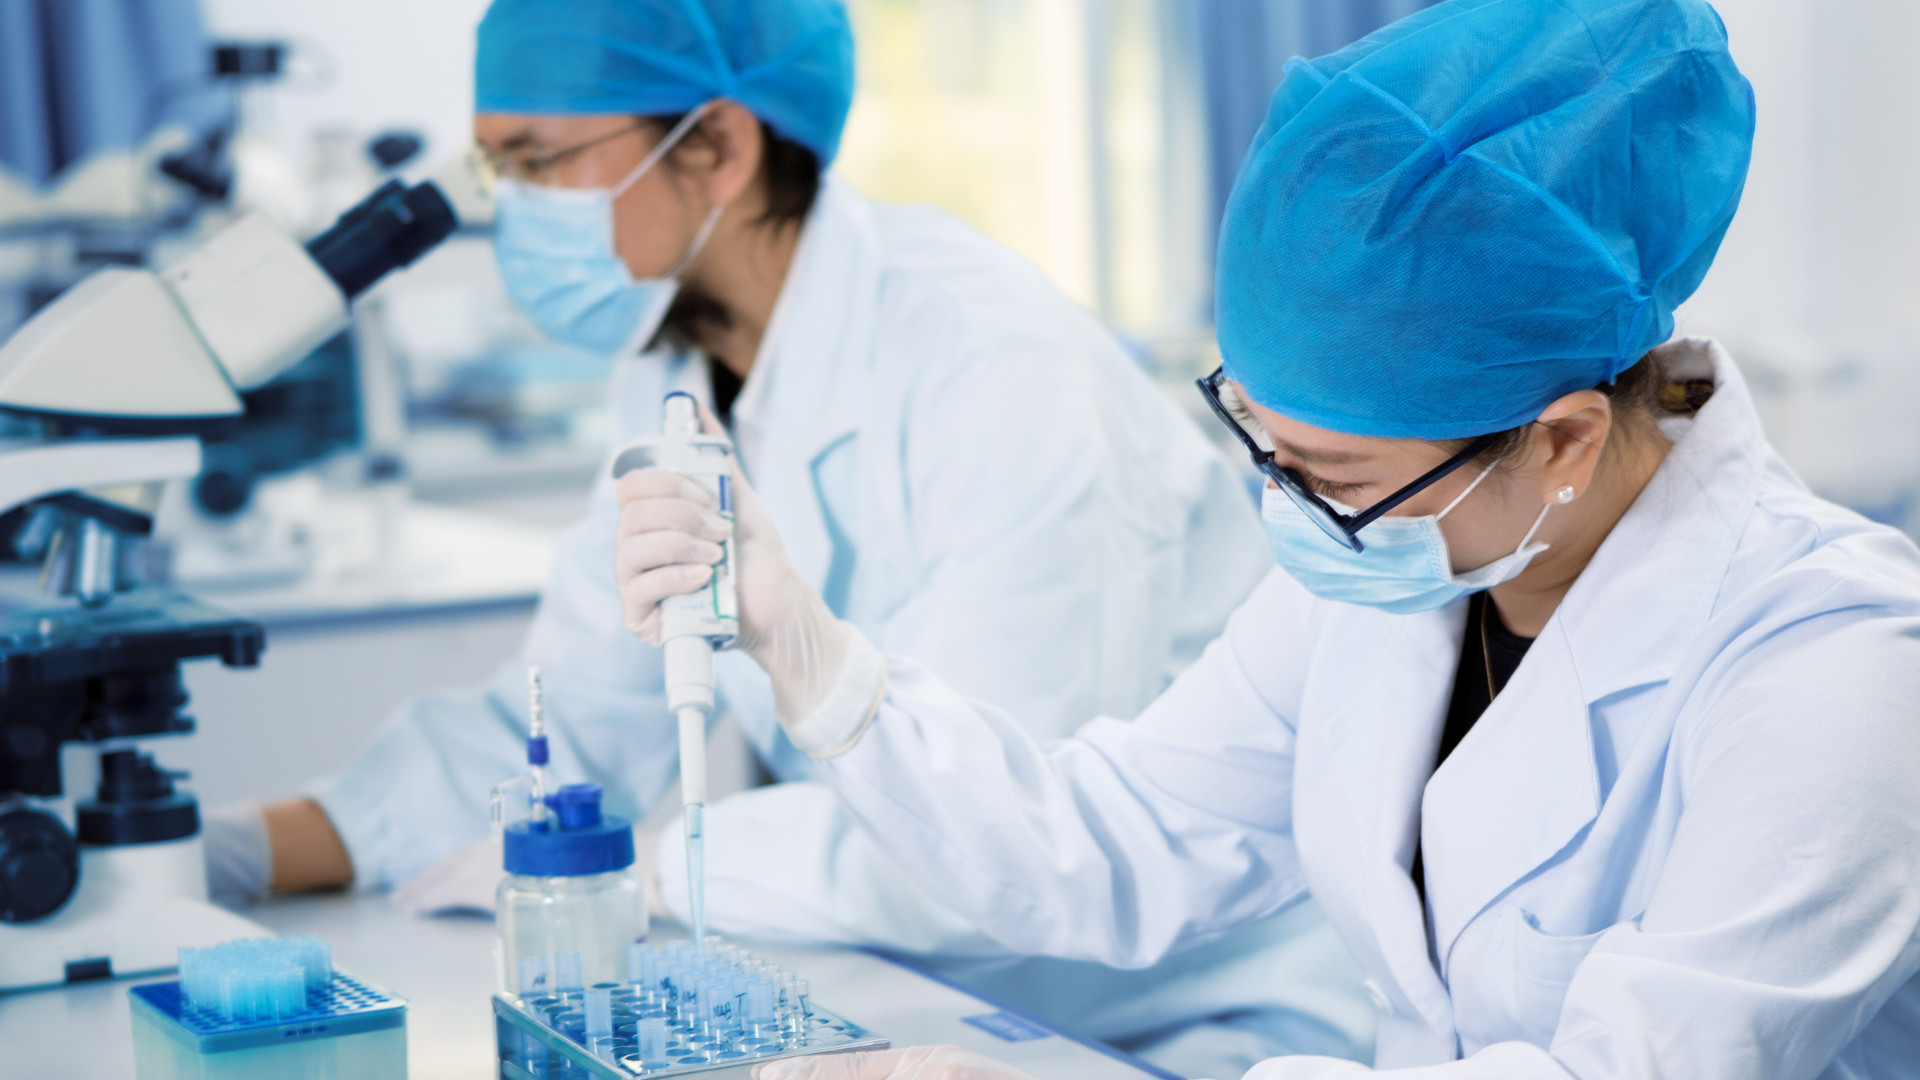 Elképesztő összeesküvés-elméletek terjednek a koronavírusról